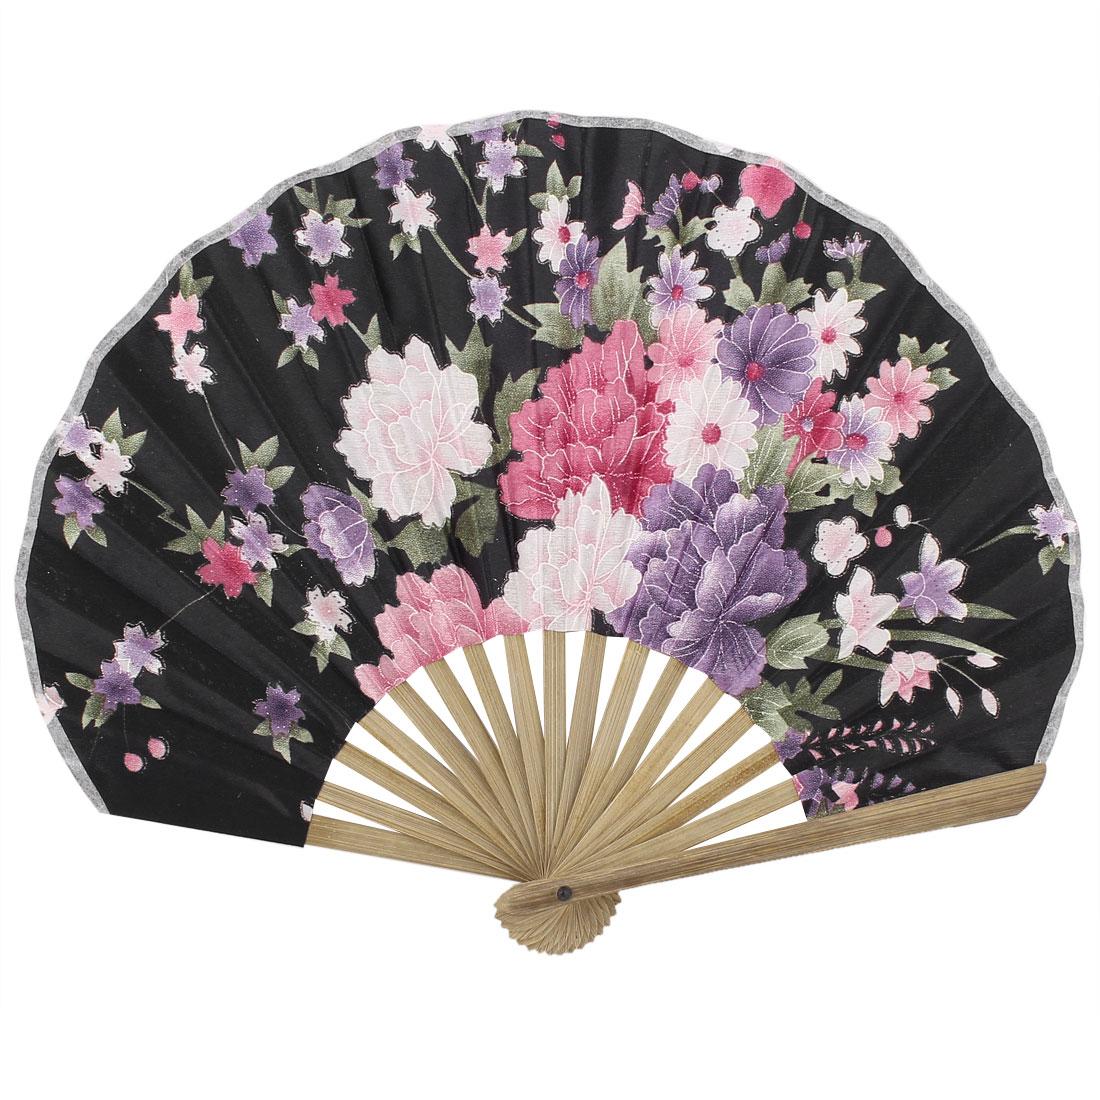 Seashell Design Bamboo Frame Flower Pattern Summer Cool Foldable Hand Fan Black